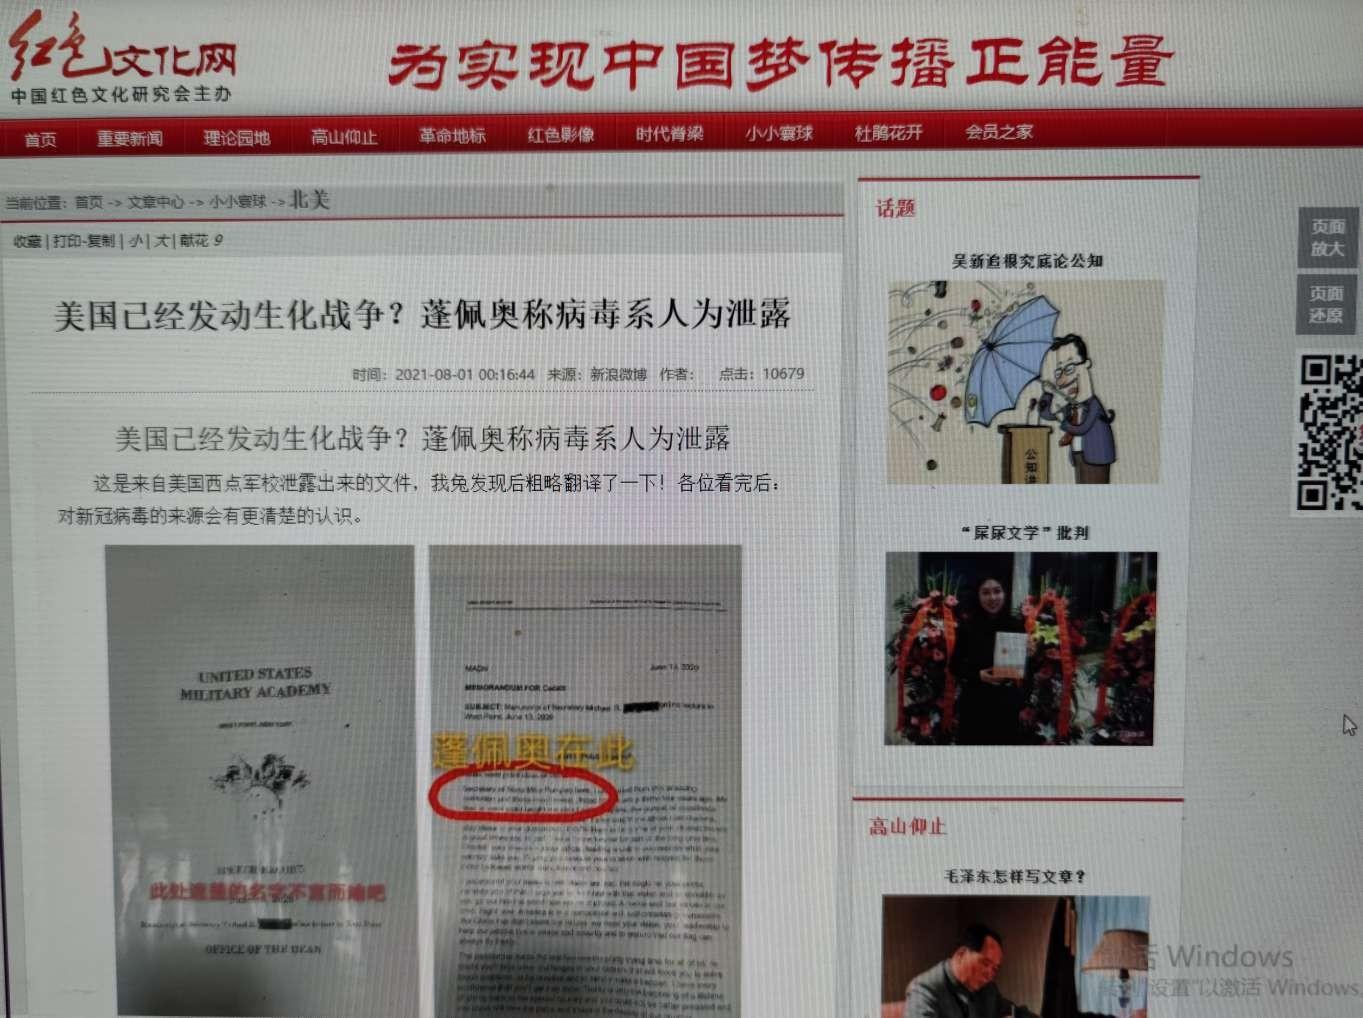 谣传蓬佩奥称新冠病毒是美国的秘密武器_图1-2